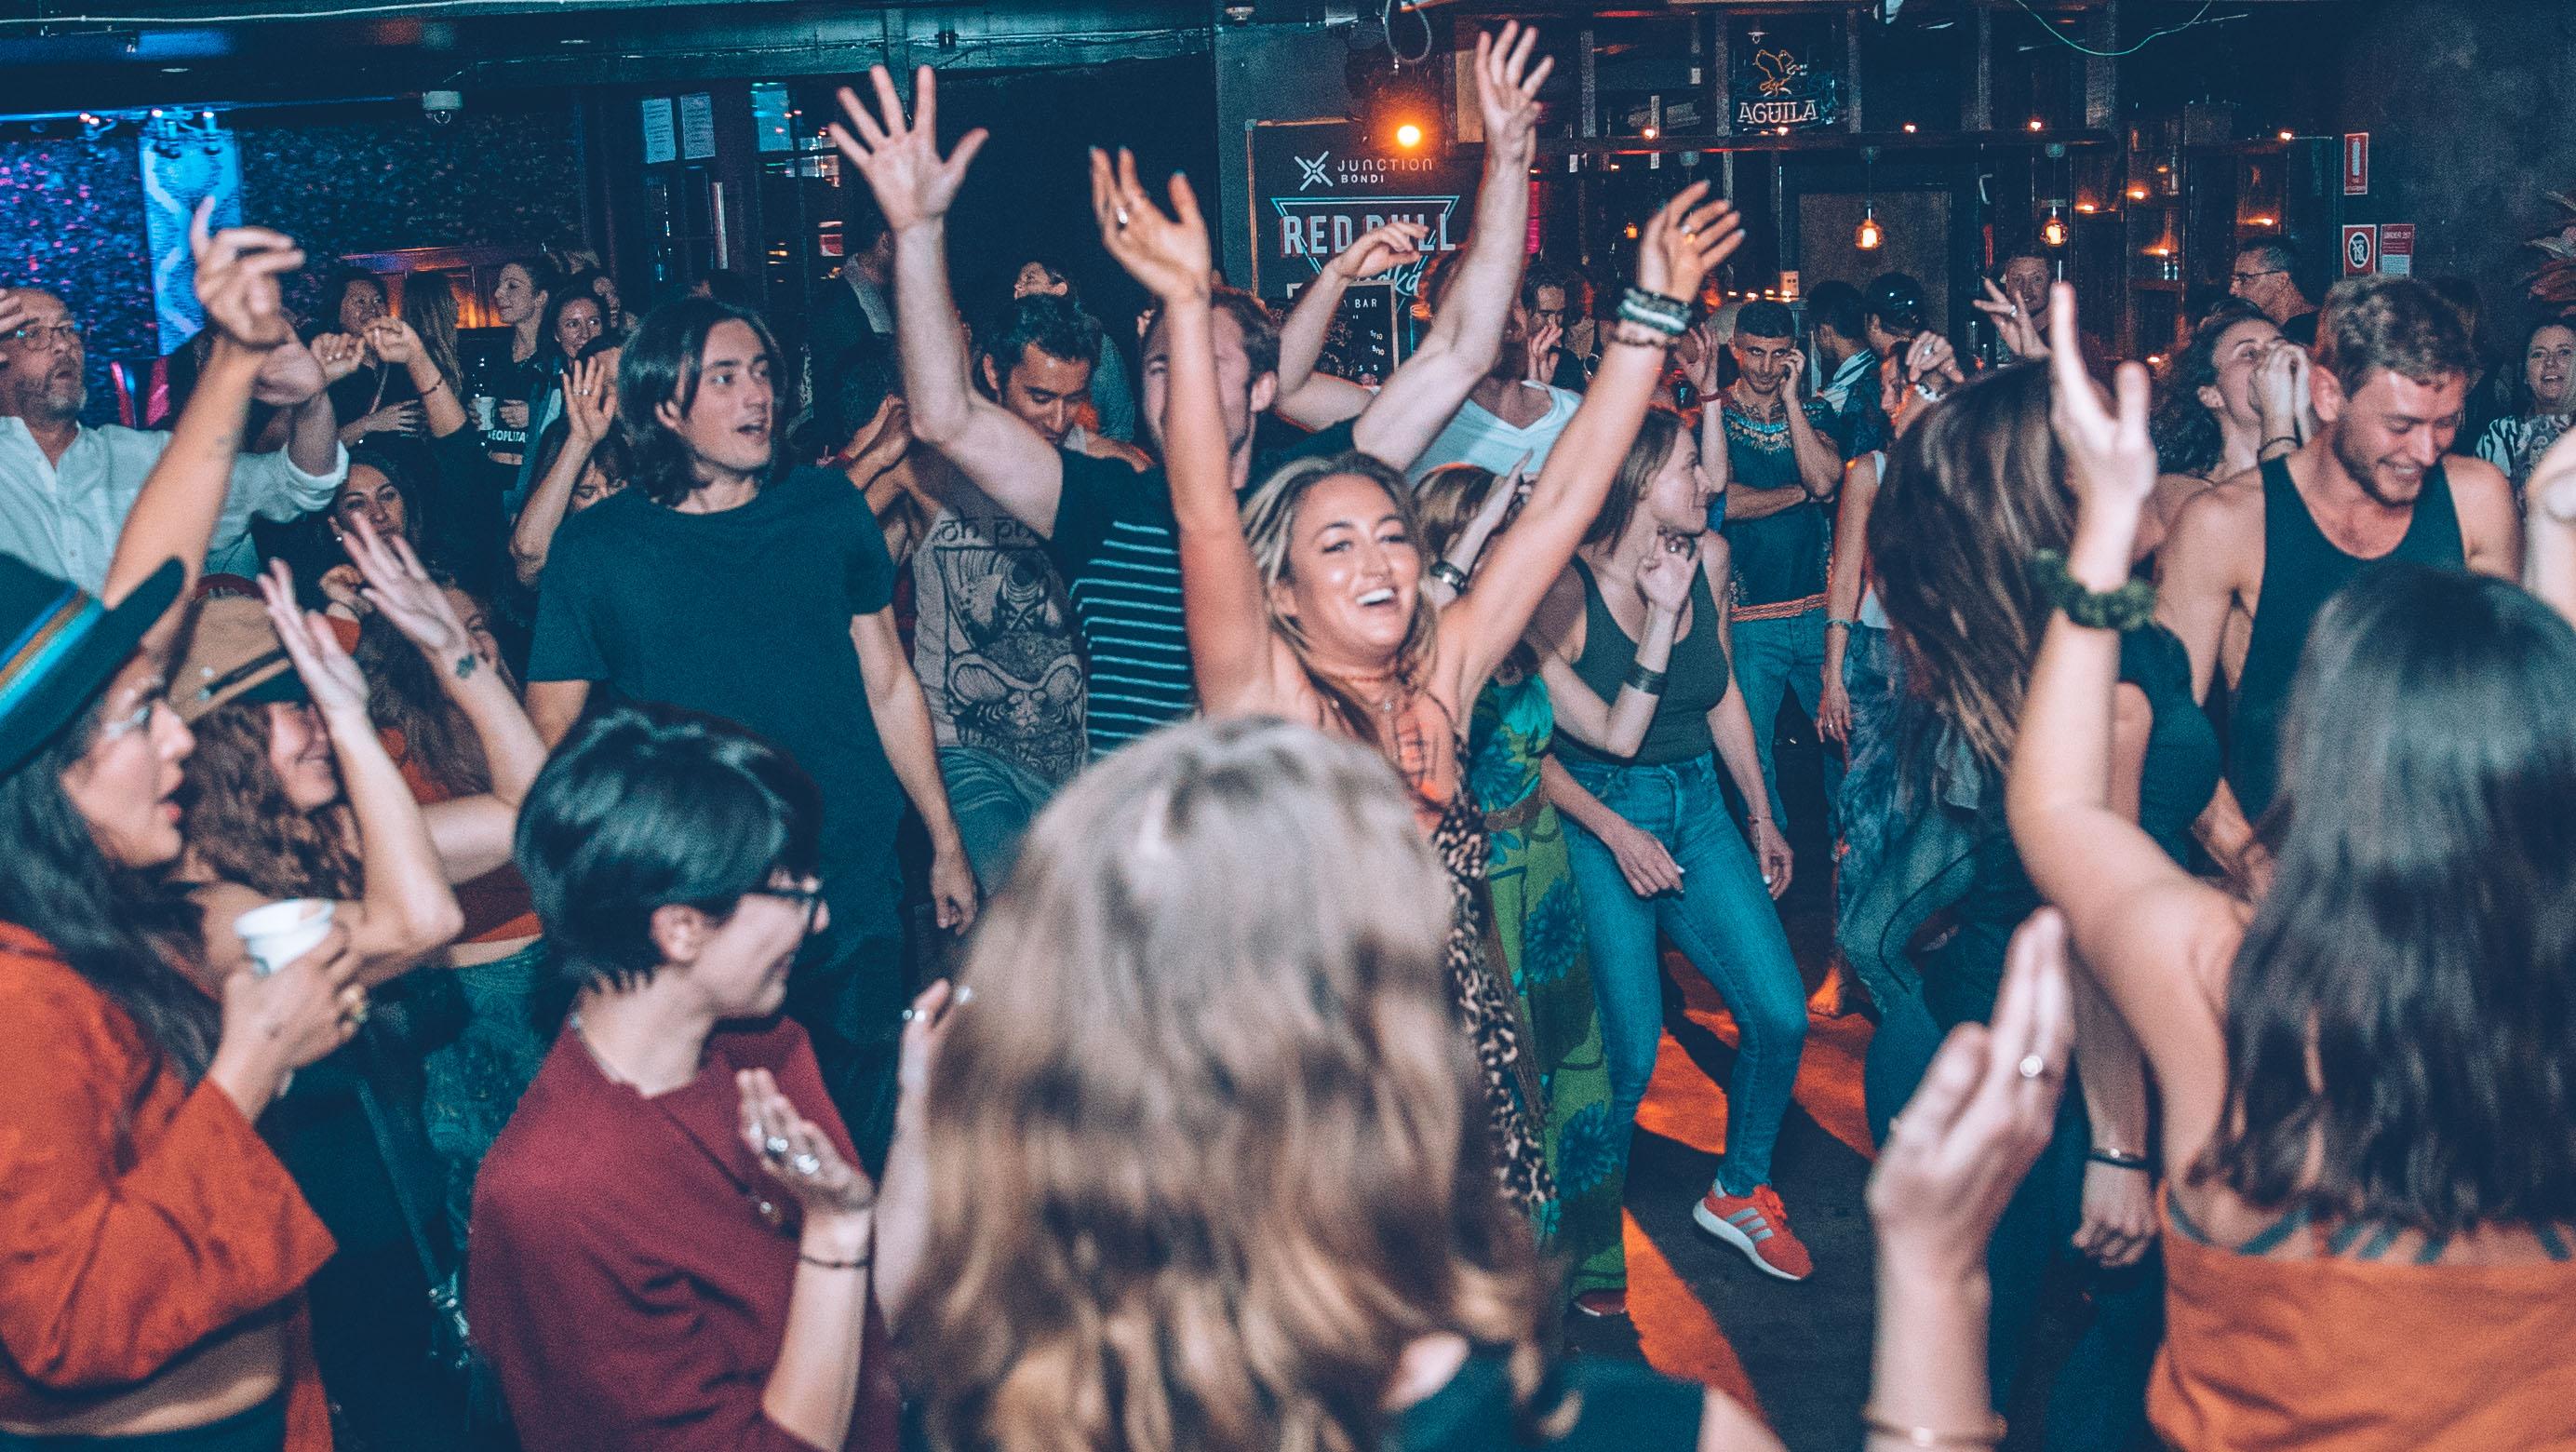 Buddha Bar Australia